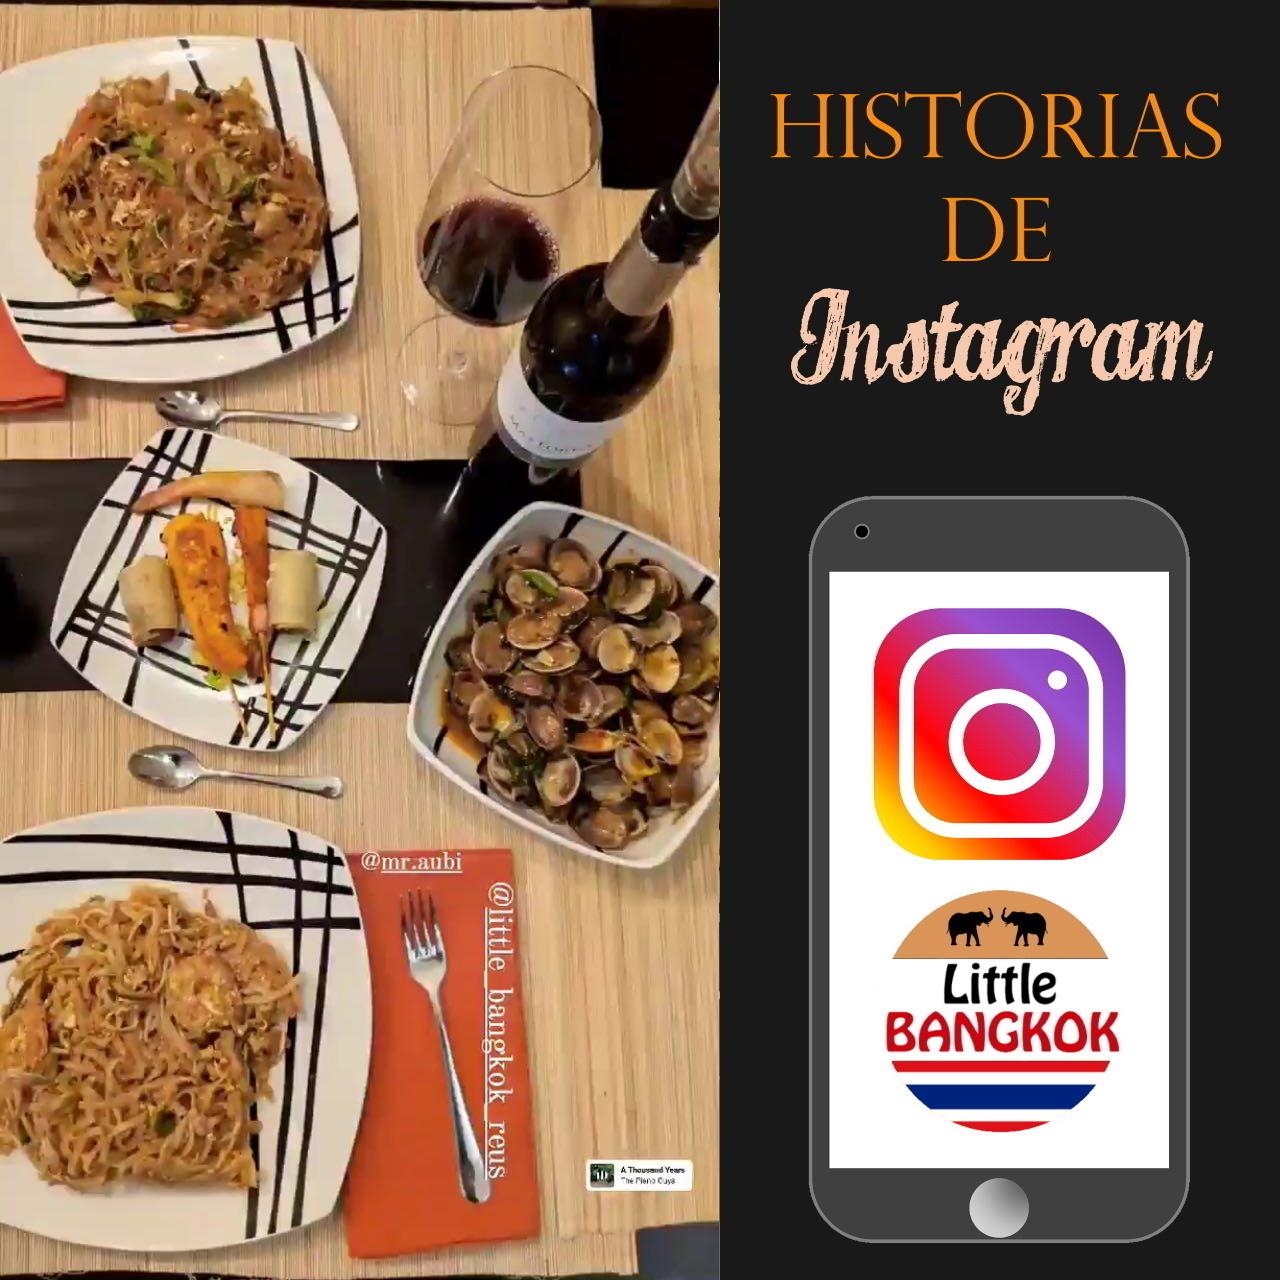 Historias de Instagram - 02 - Febrero 1